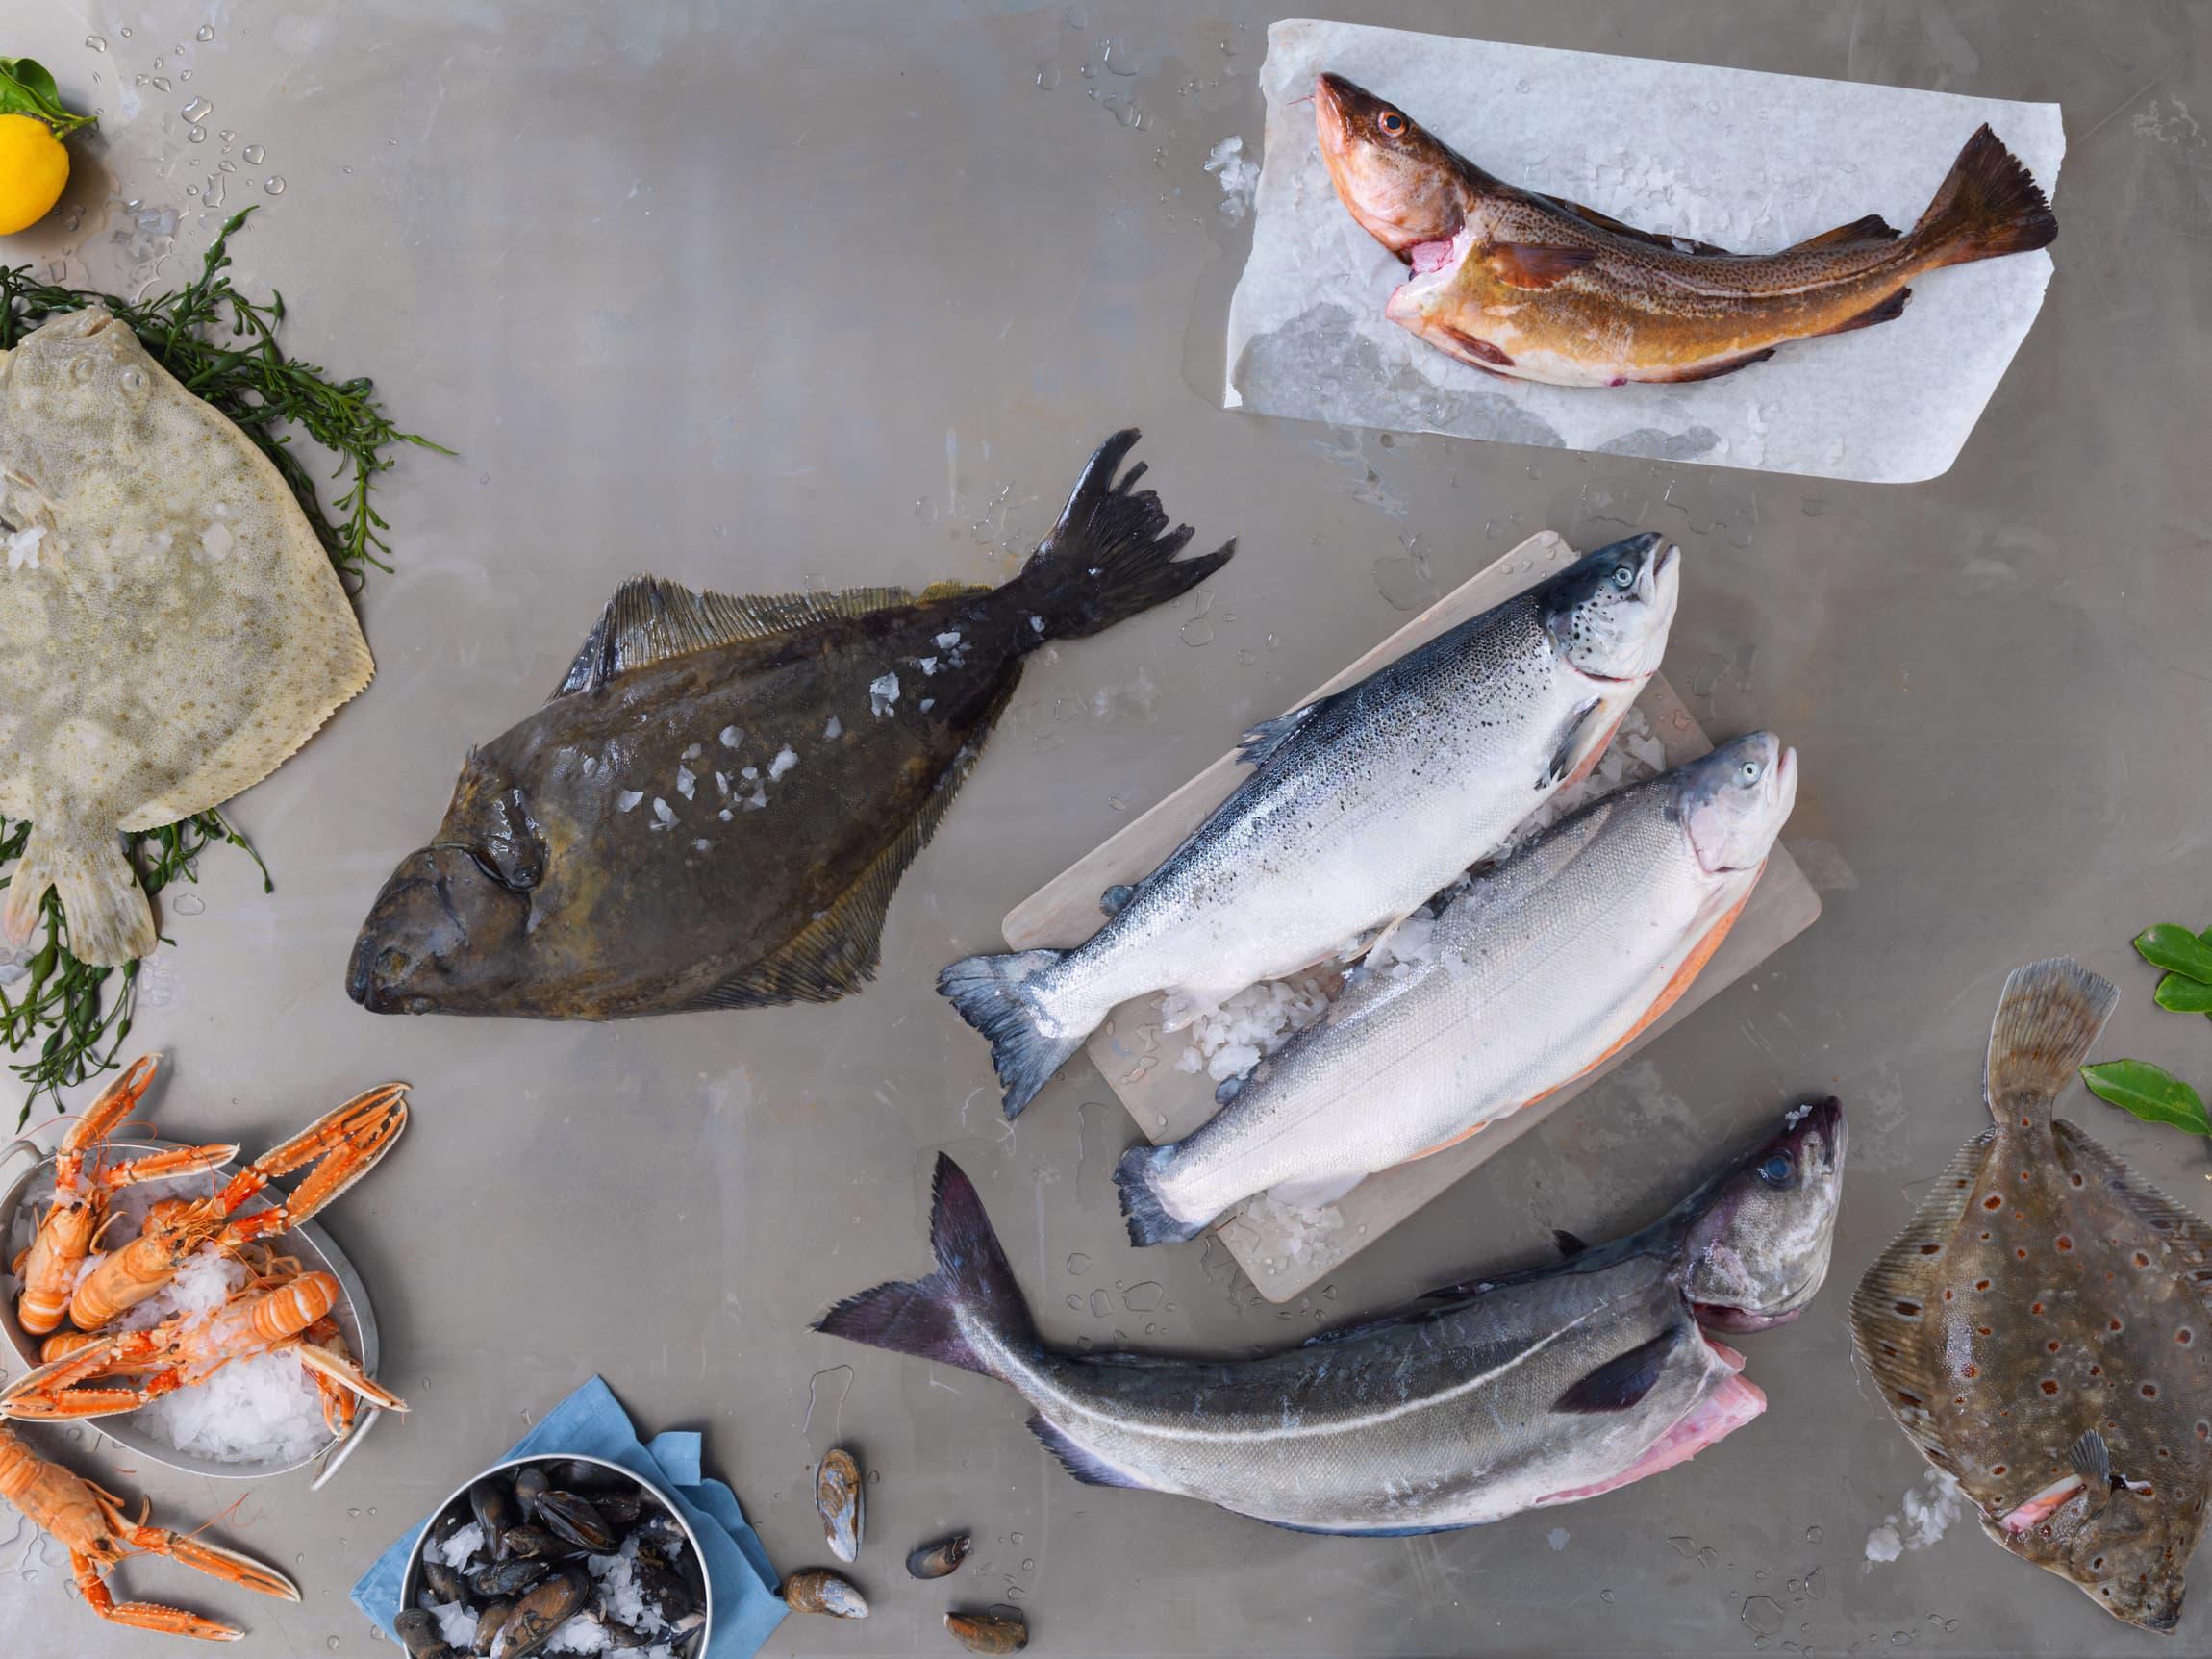 Kveite, piggvar, rødspette, torsk og ørret er noen av fisketypene du kan finne i fiskedisken